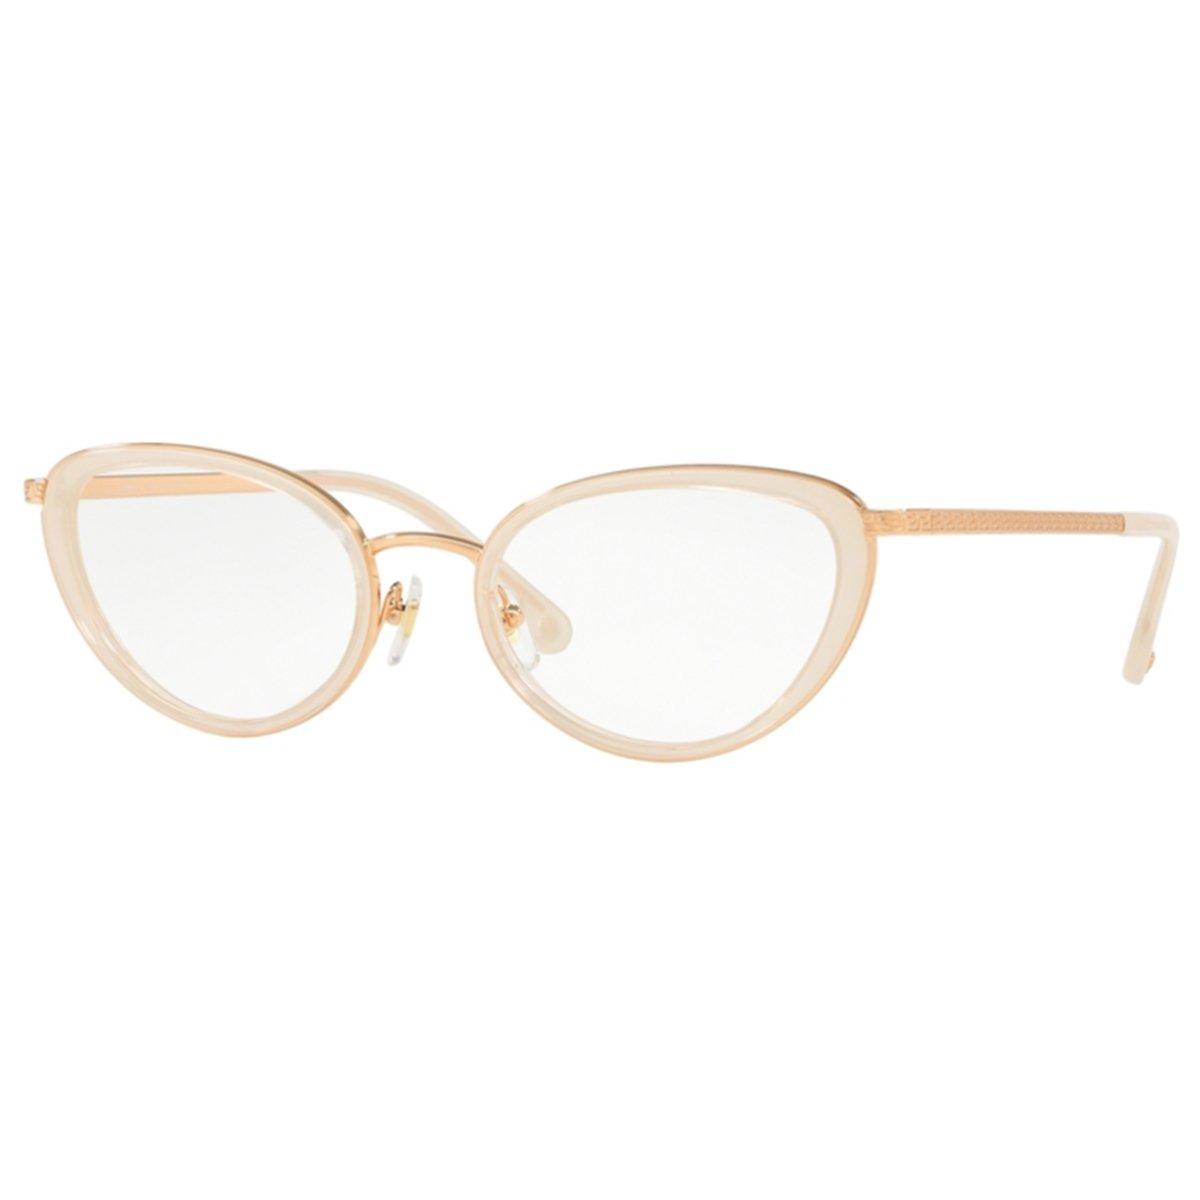 Compre Óculos de Grau Versace em 10X  4d62fdbeccc1